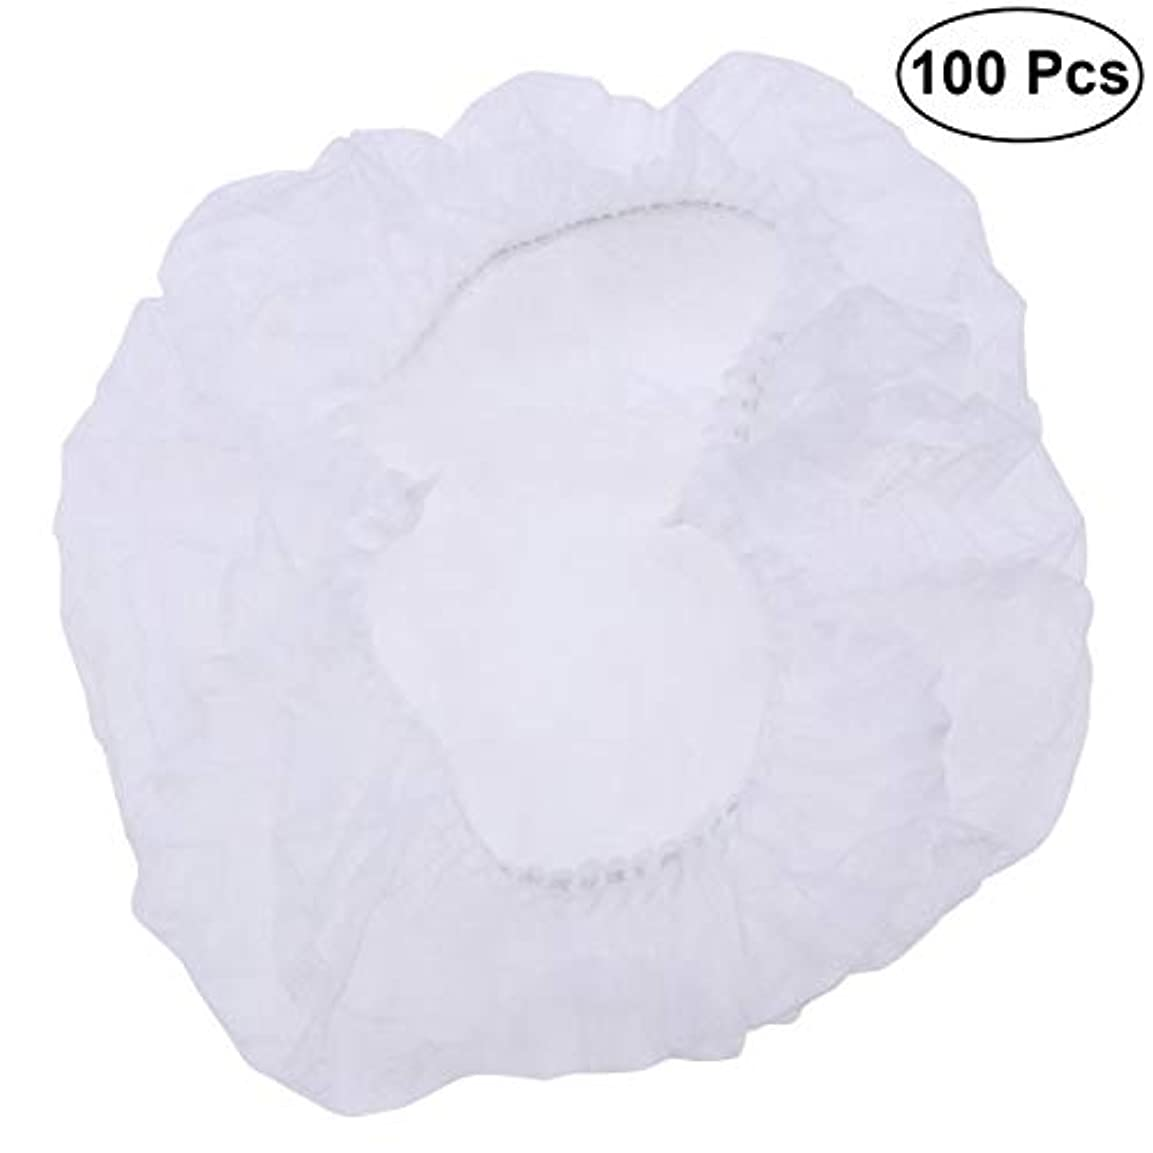 プランター泥克服するSUPVOX ヘアサロンの家のホテル100pcsのための使い捨て可能なシャワーキャップの伸縮性がある毛の帽子